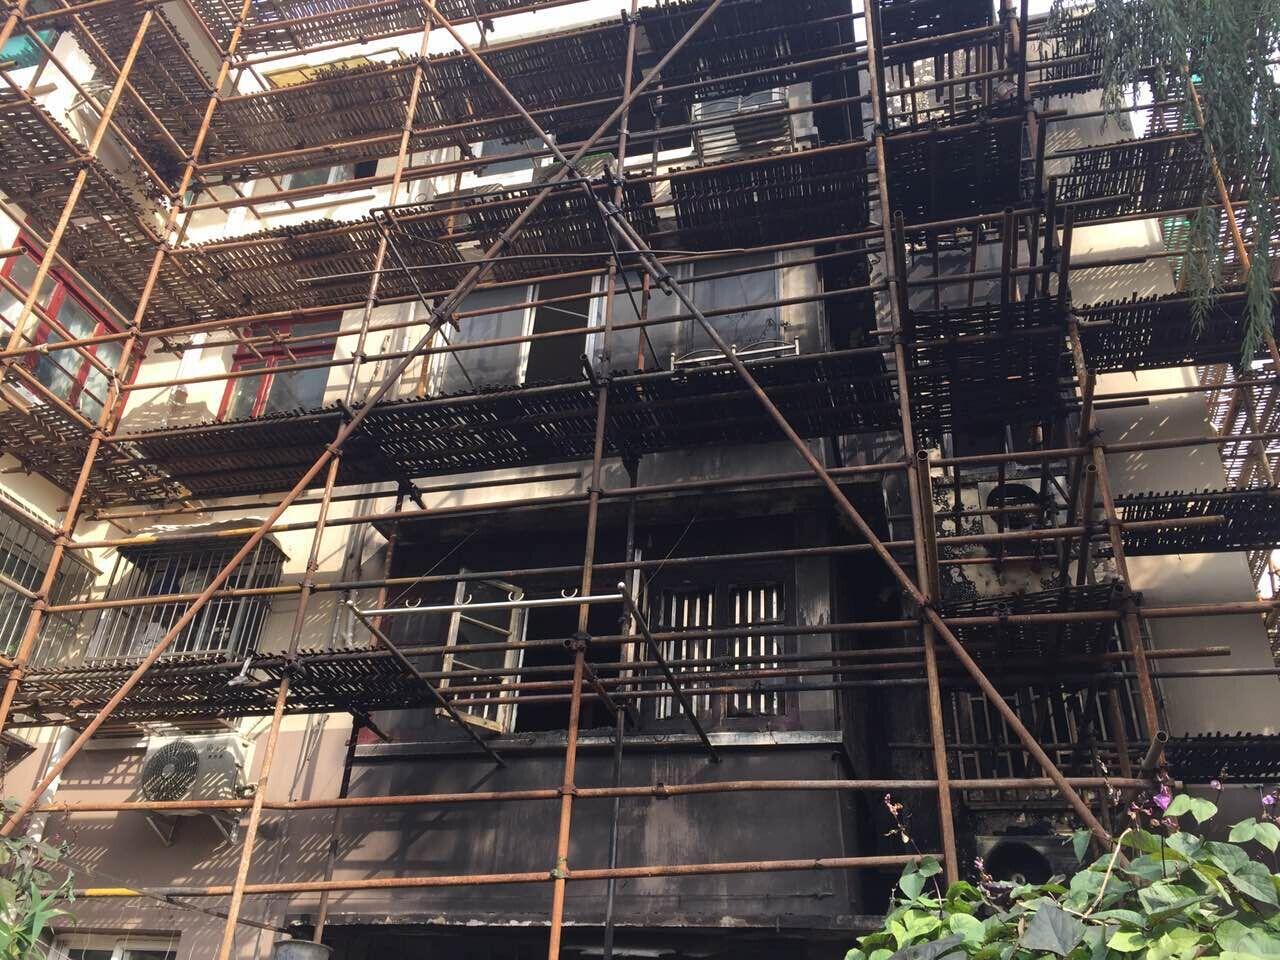 杨浦同济新村凌晨突发火灾 已致1死1伤